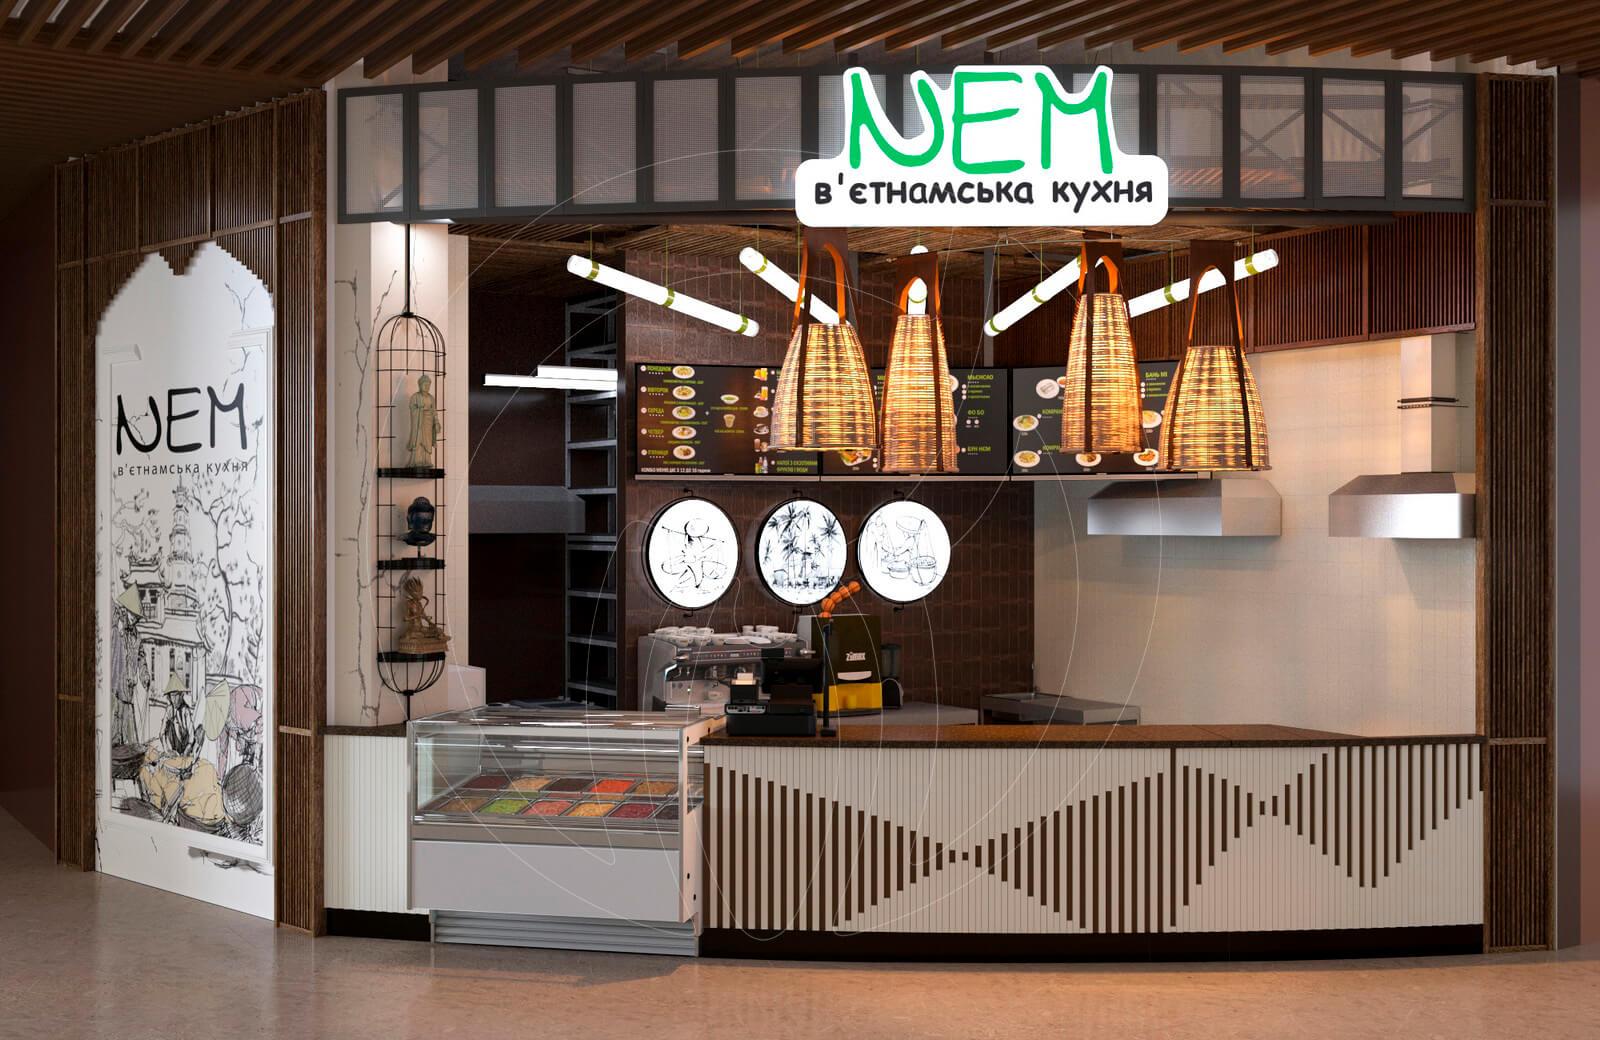 Ресторан fast food NEM. Внешний вид